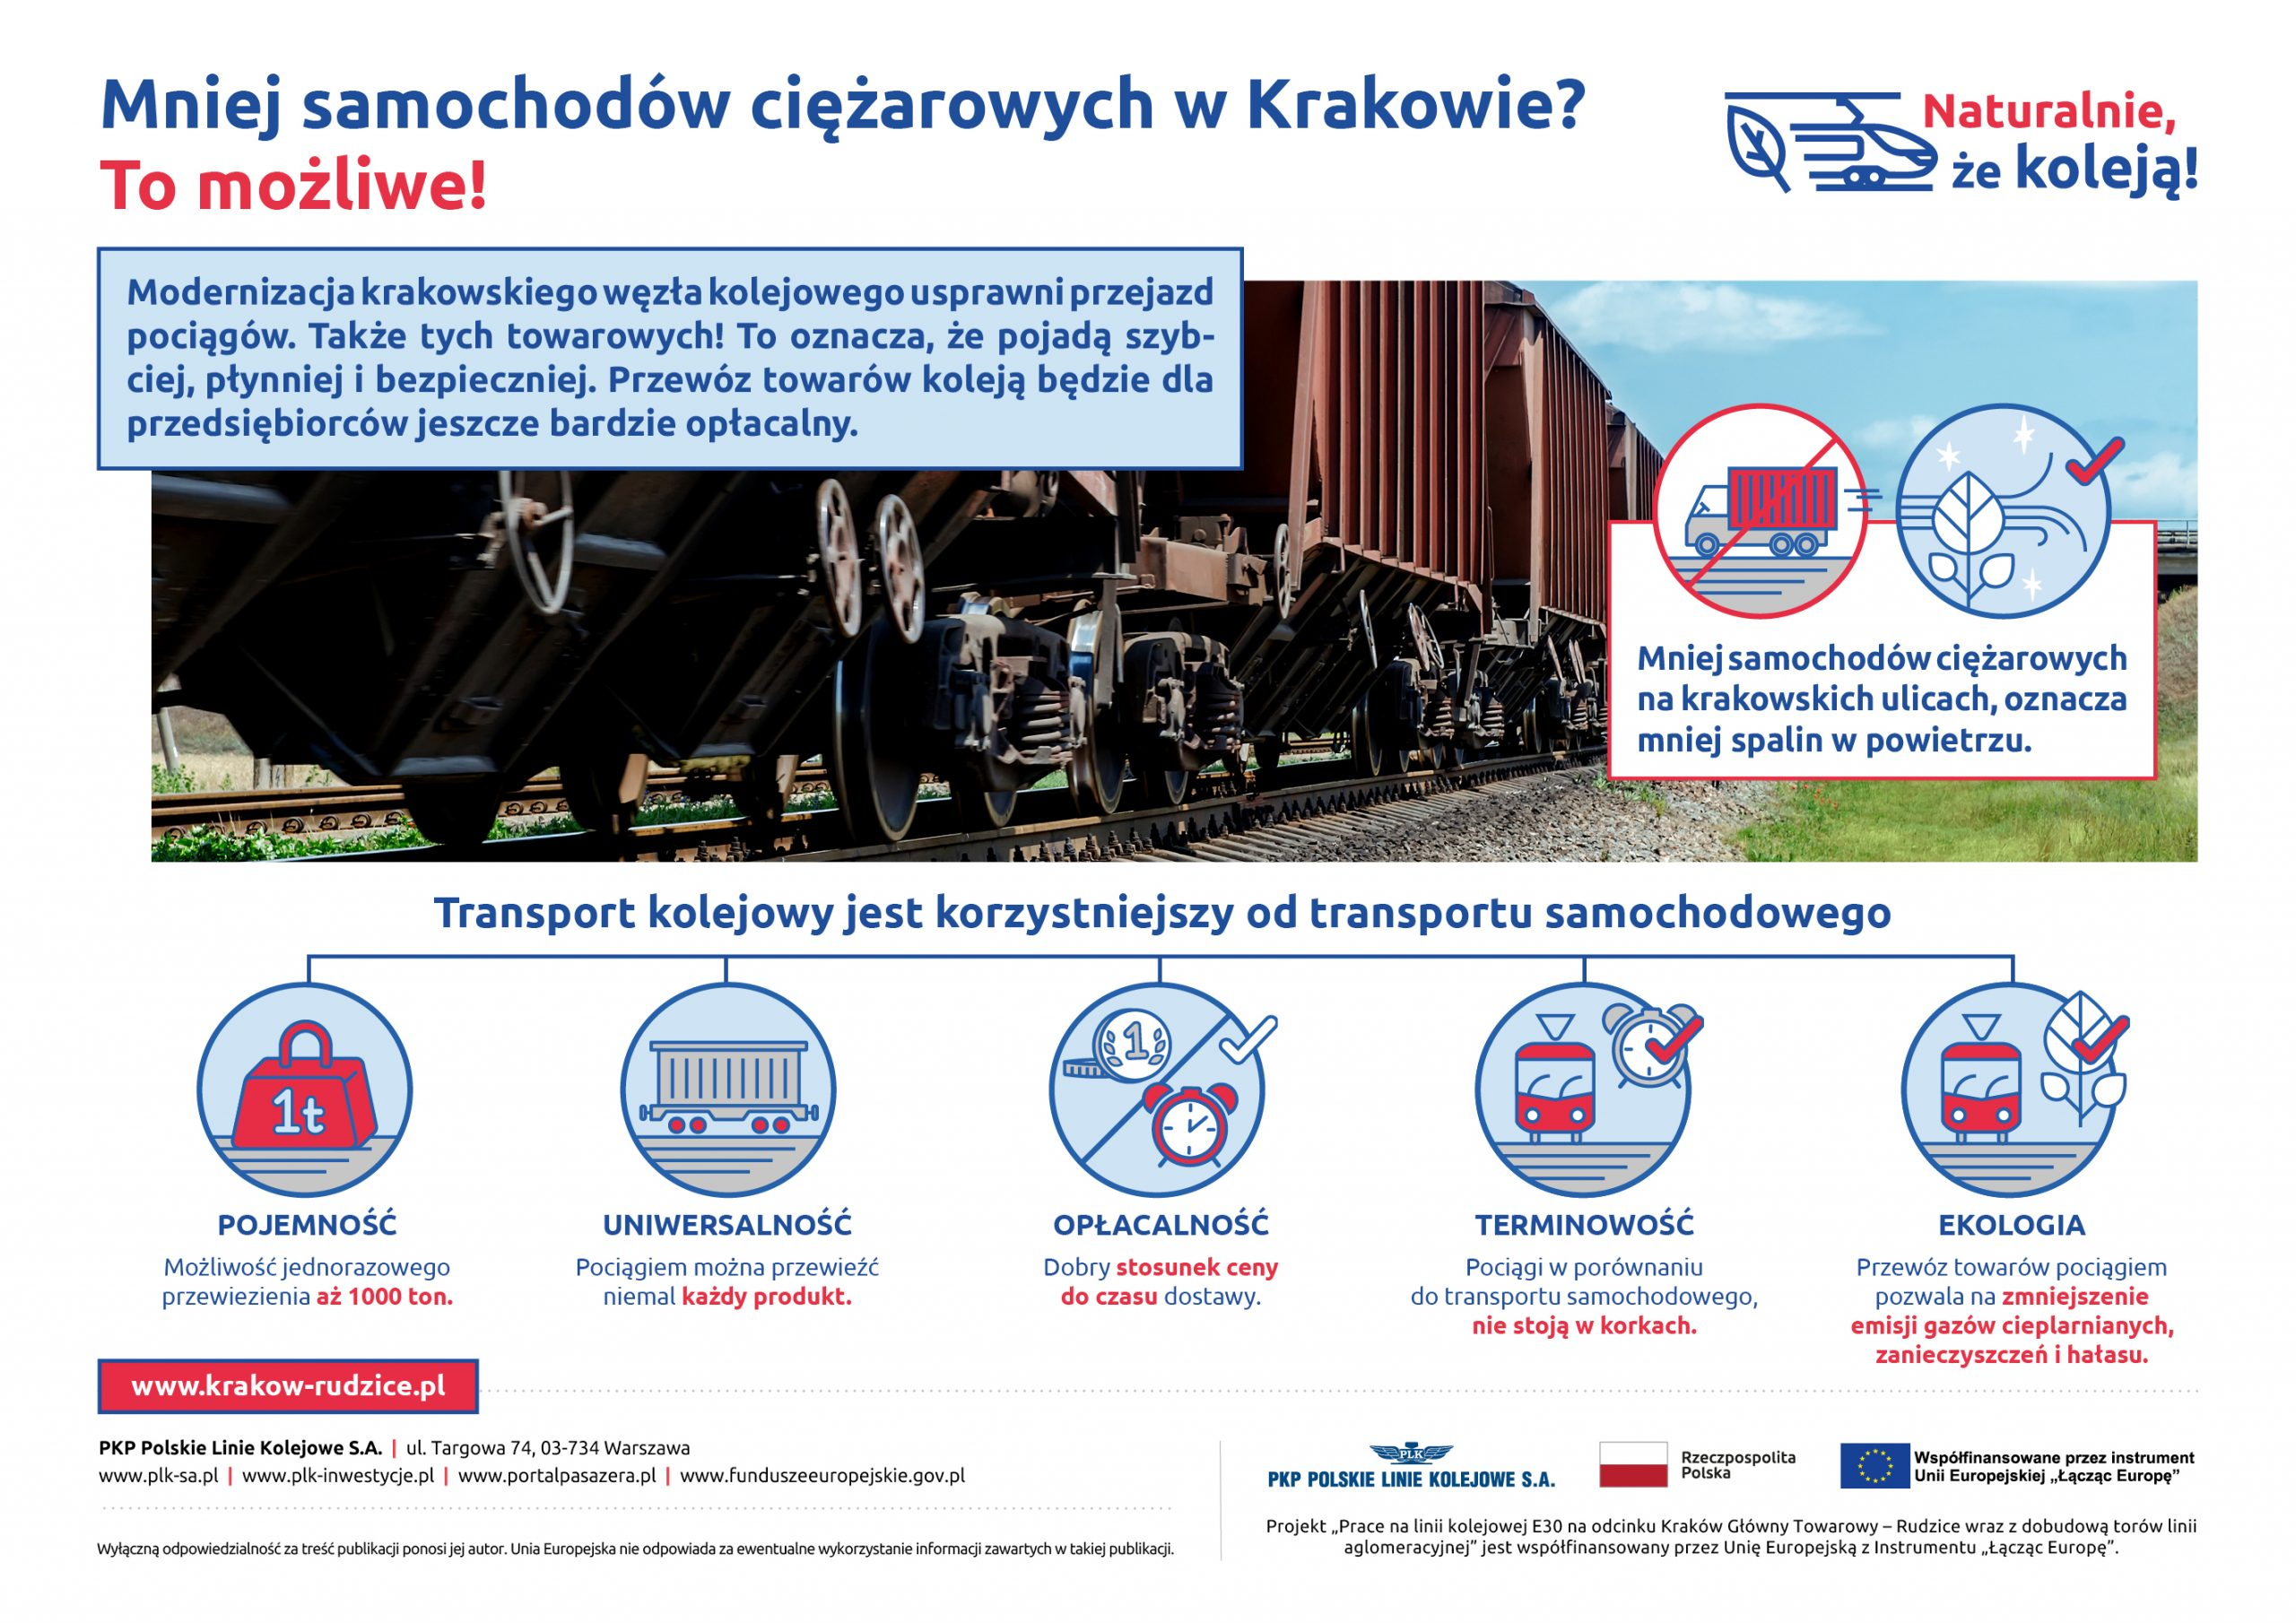 Infografika z cyklu Naturalnie, że koleją obrazująca zwiększenie możliwości wykorzystania transportu kolejowego dzięki modernizacji linii kolejowej w Krakowie.